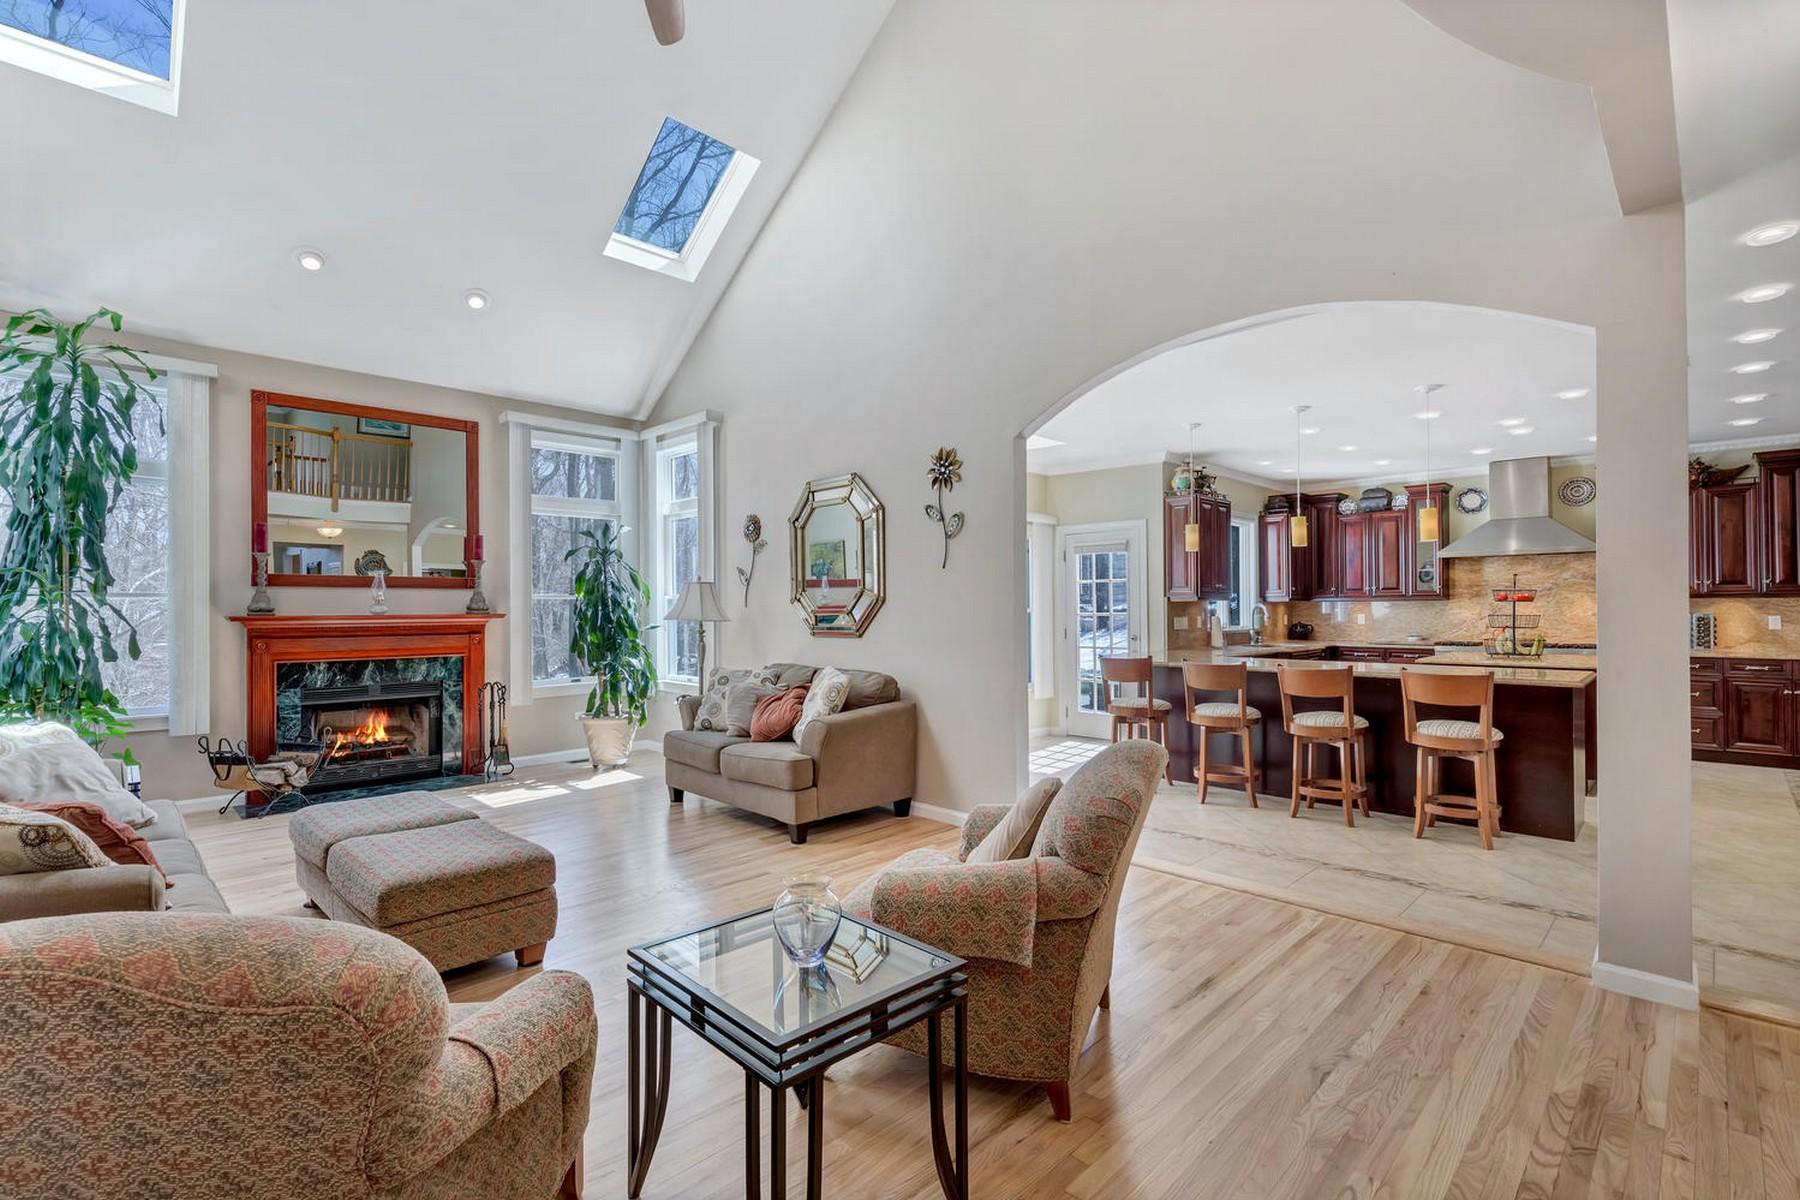 独户住宅 为 销售 在 Custom Colonial 155 Gravel Hill Road 纳拉潘市, 新泽西州 07726 美国